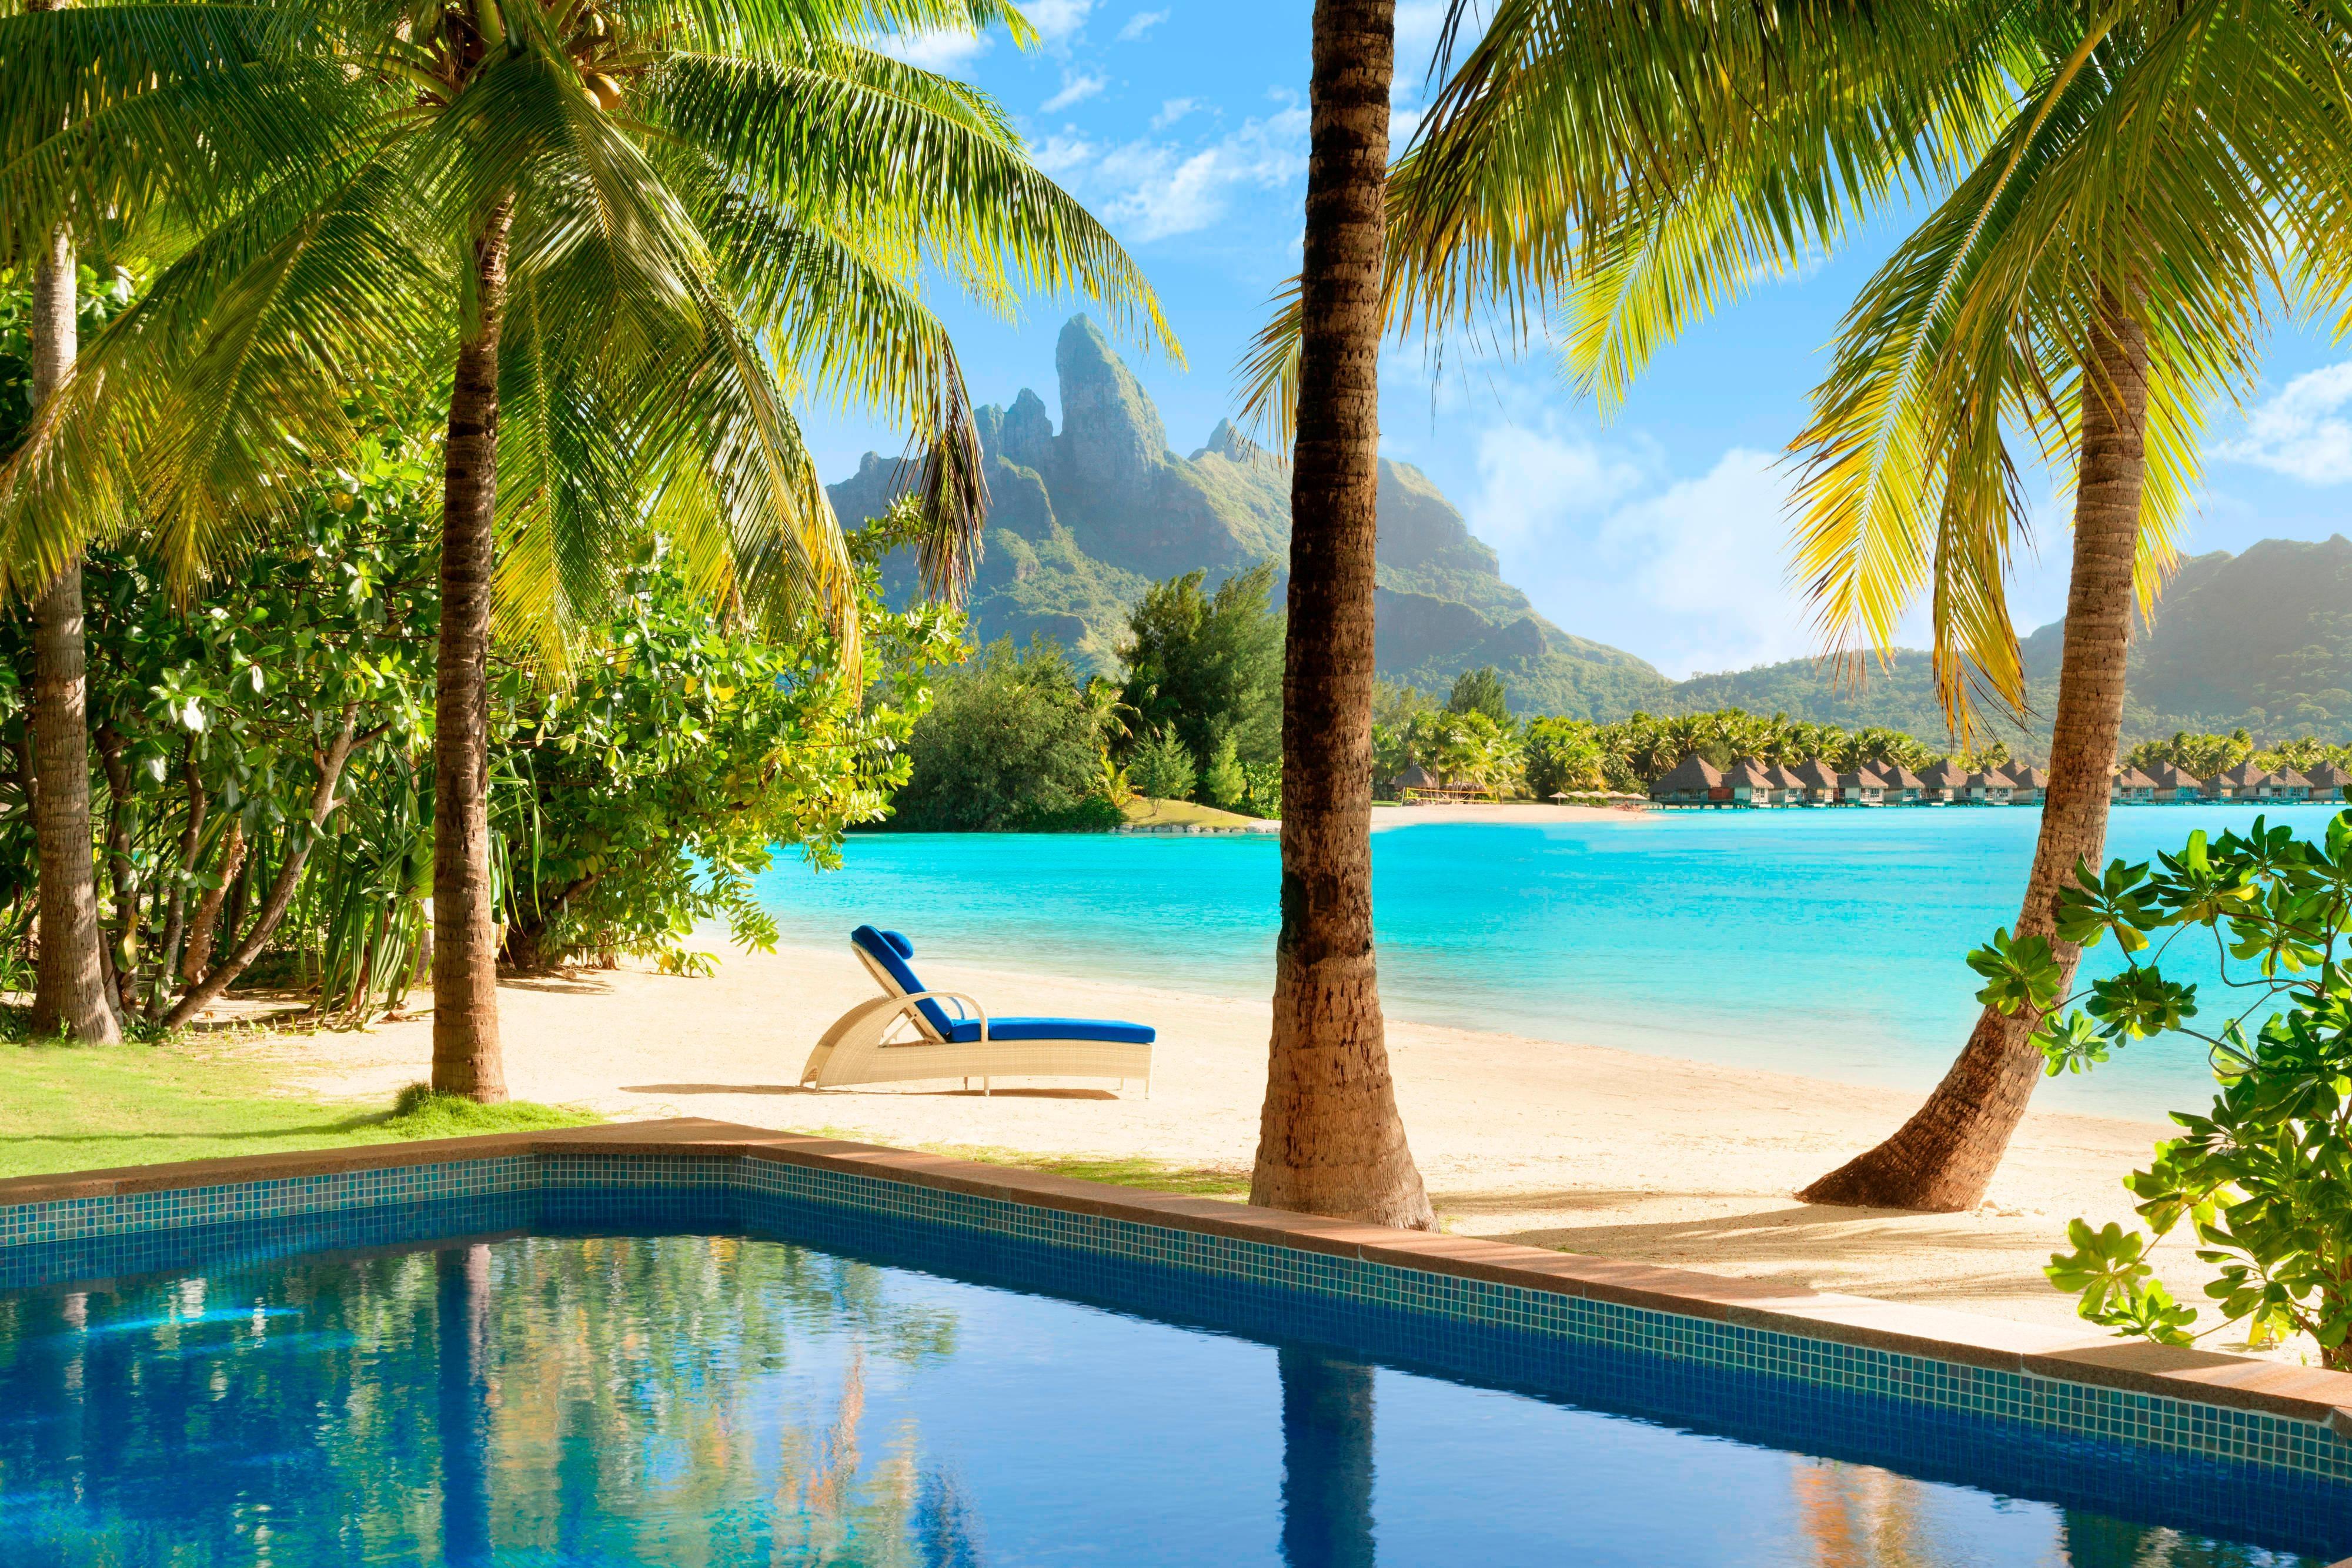 Вилла на пляже с бассейном